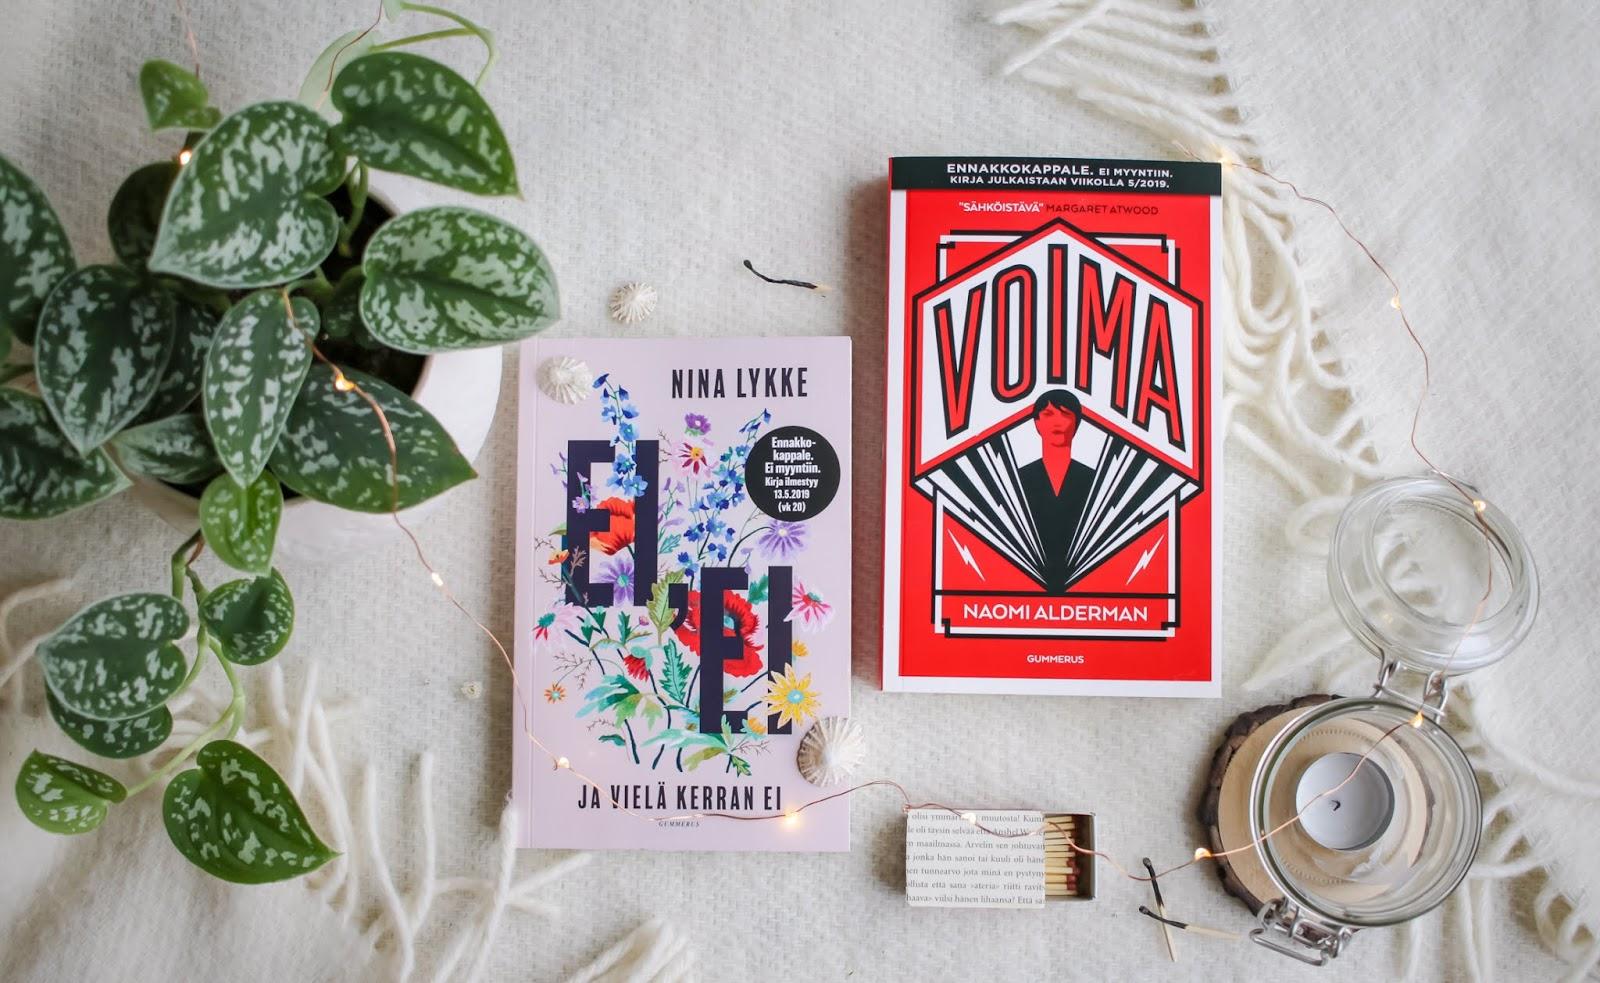 miten bookstagram-kuviin merkitään arvostelukappaleet ja kaupallinen yhteistyö?